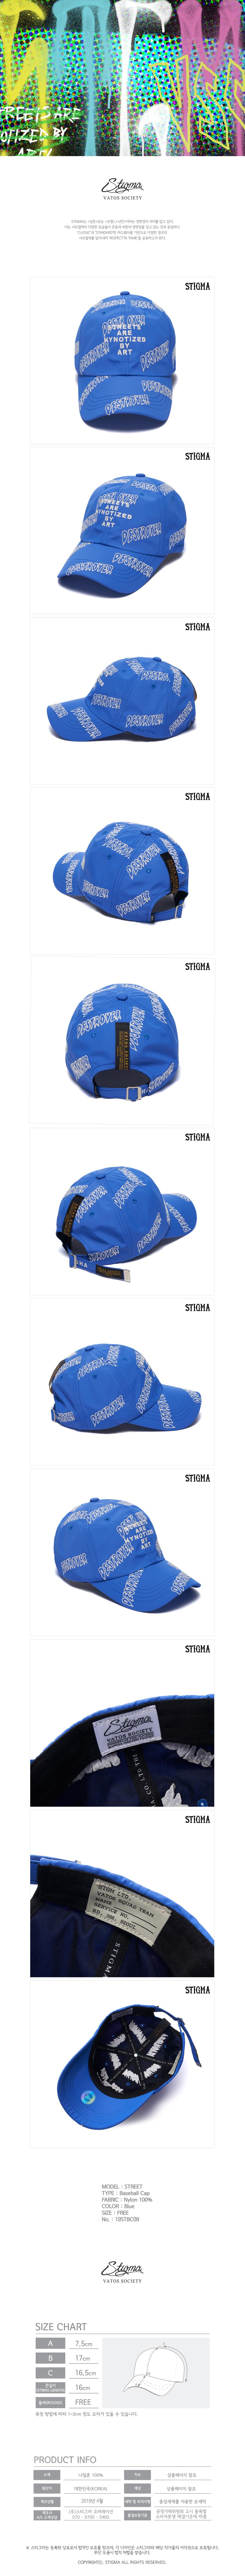 스티그마 STIGMA STREET BASEBALL CAP BLUE